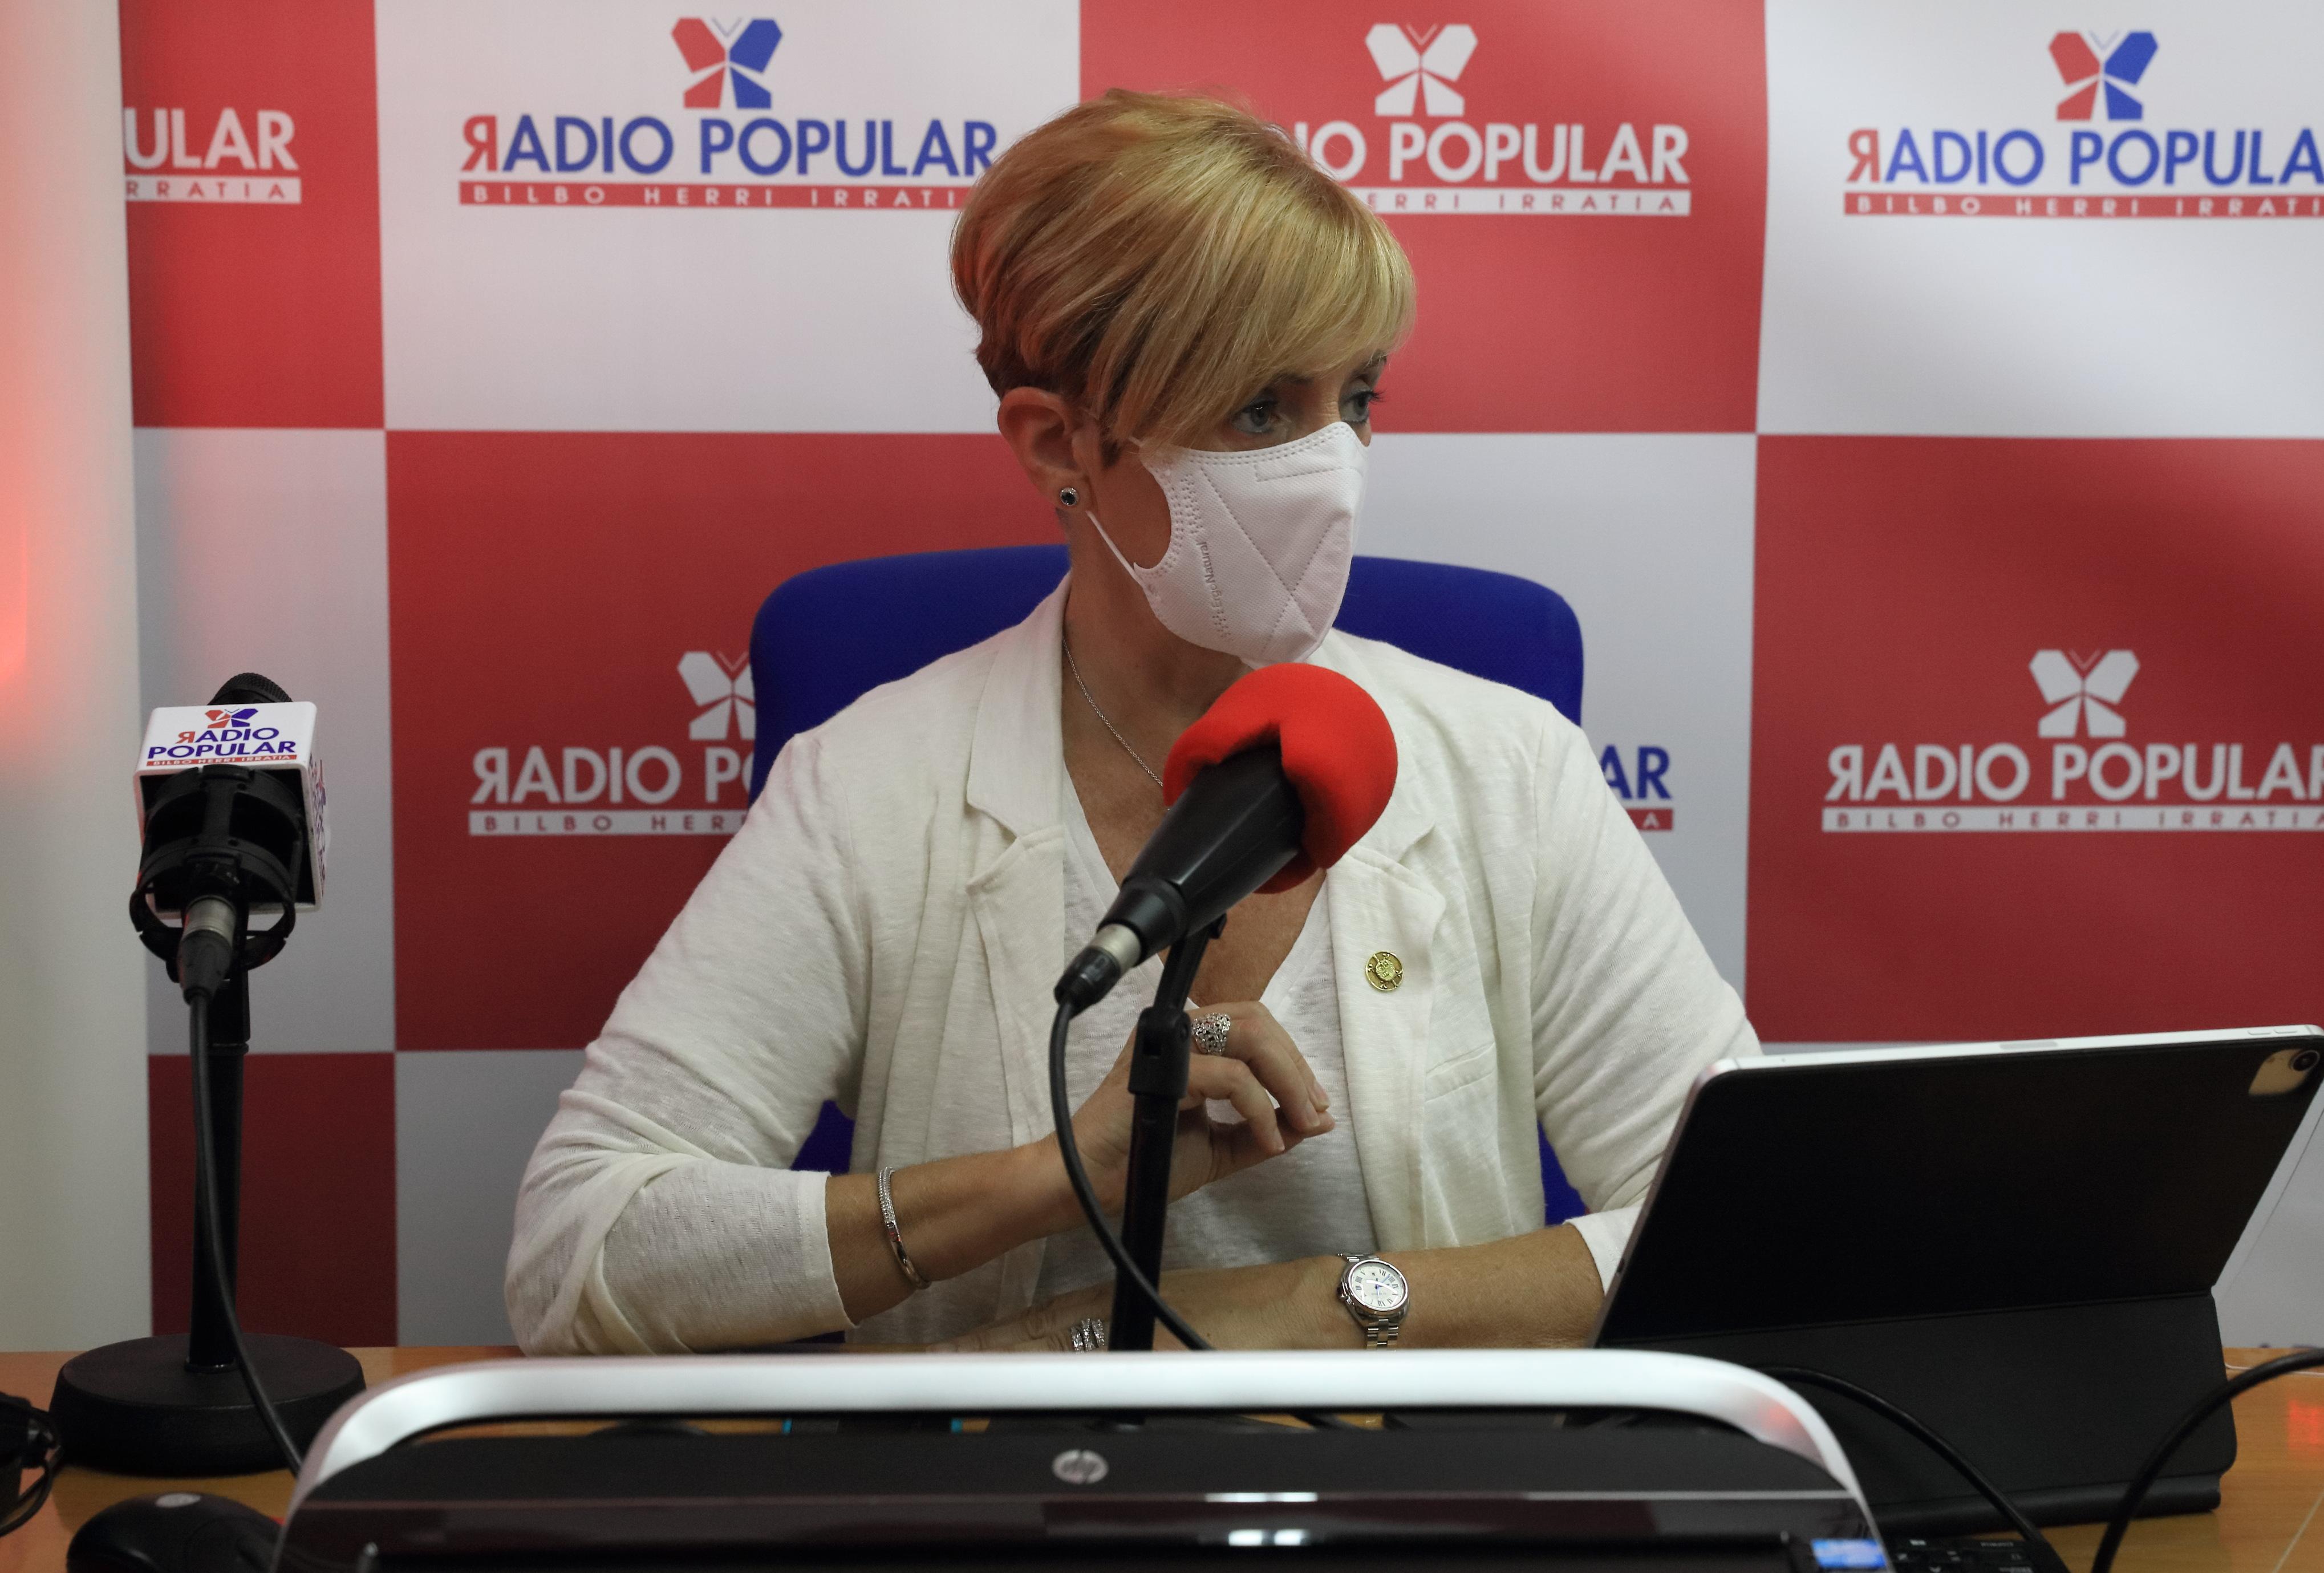 RadioPopular006.JPG